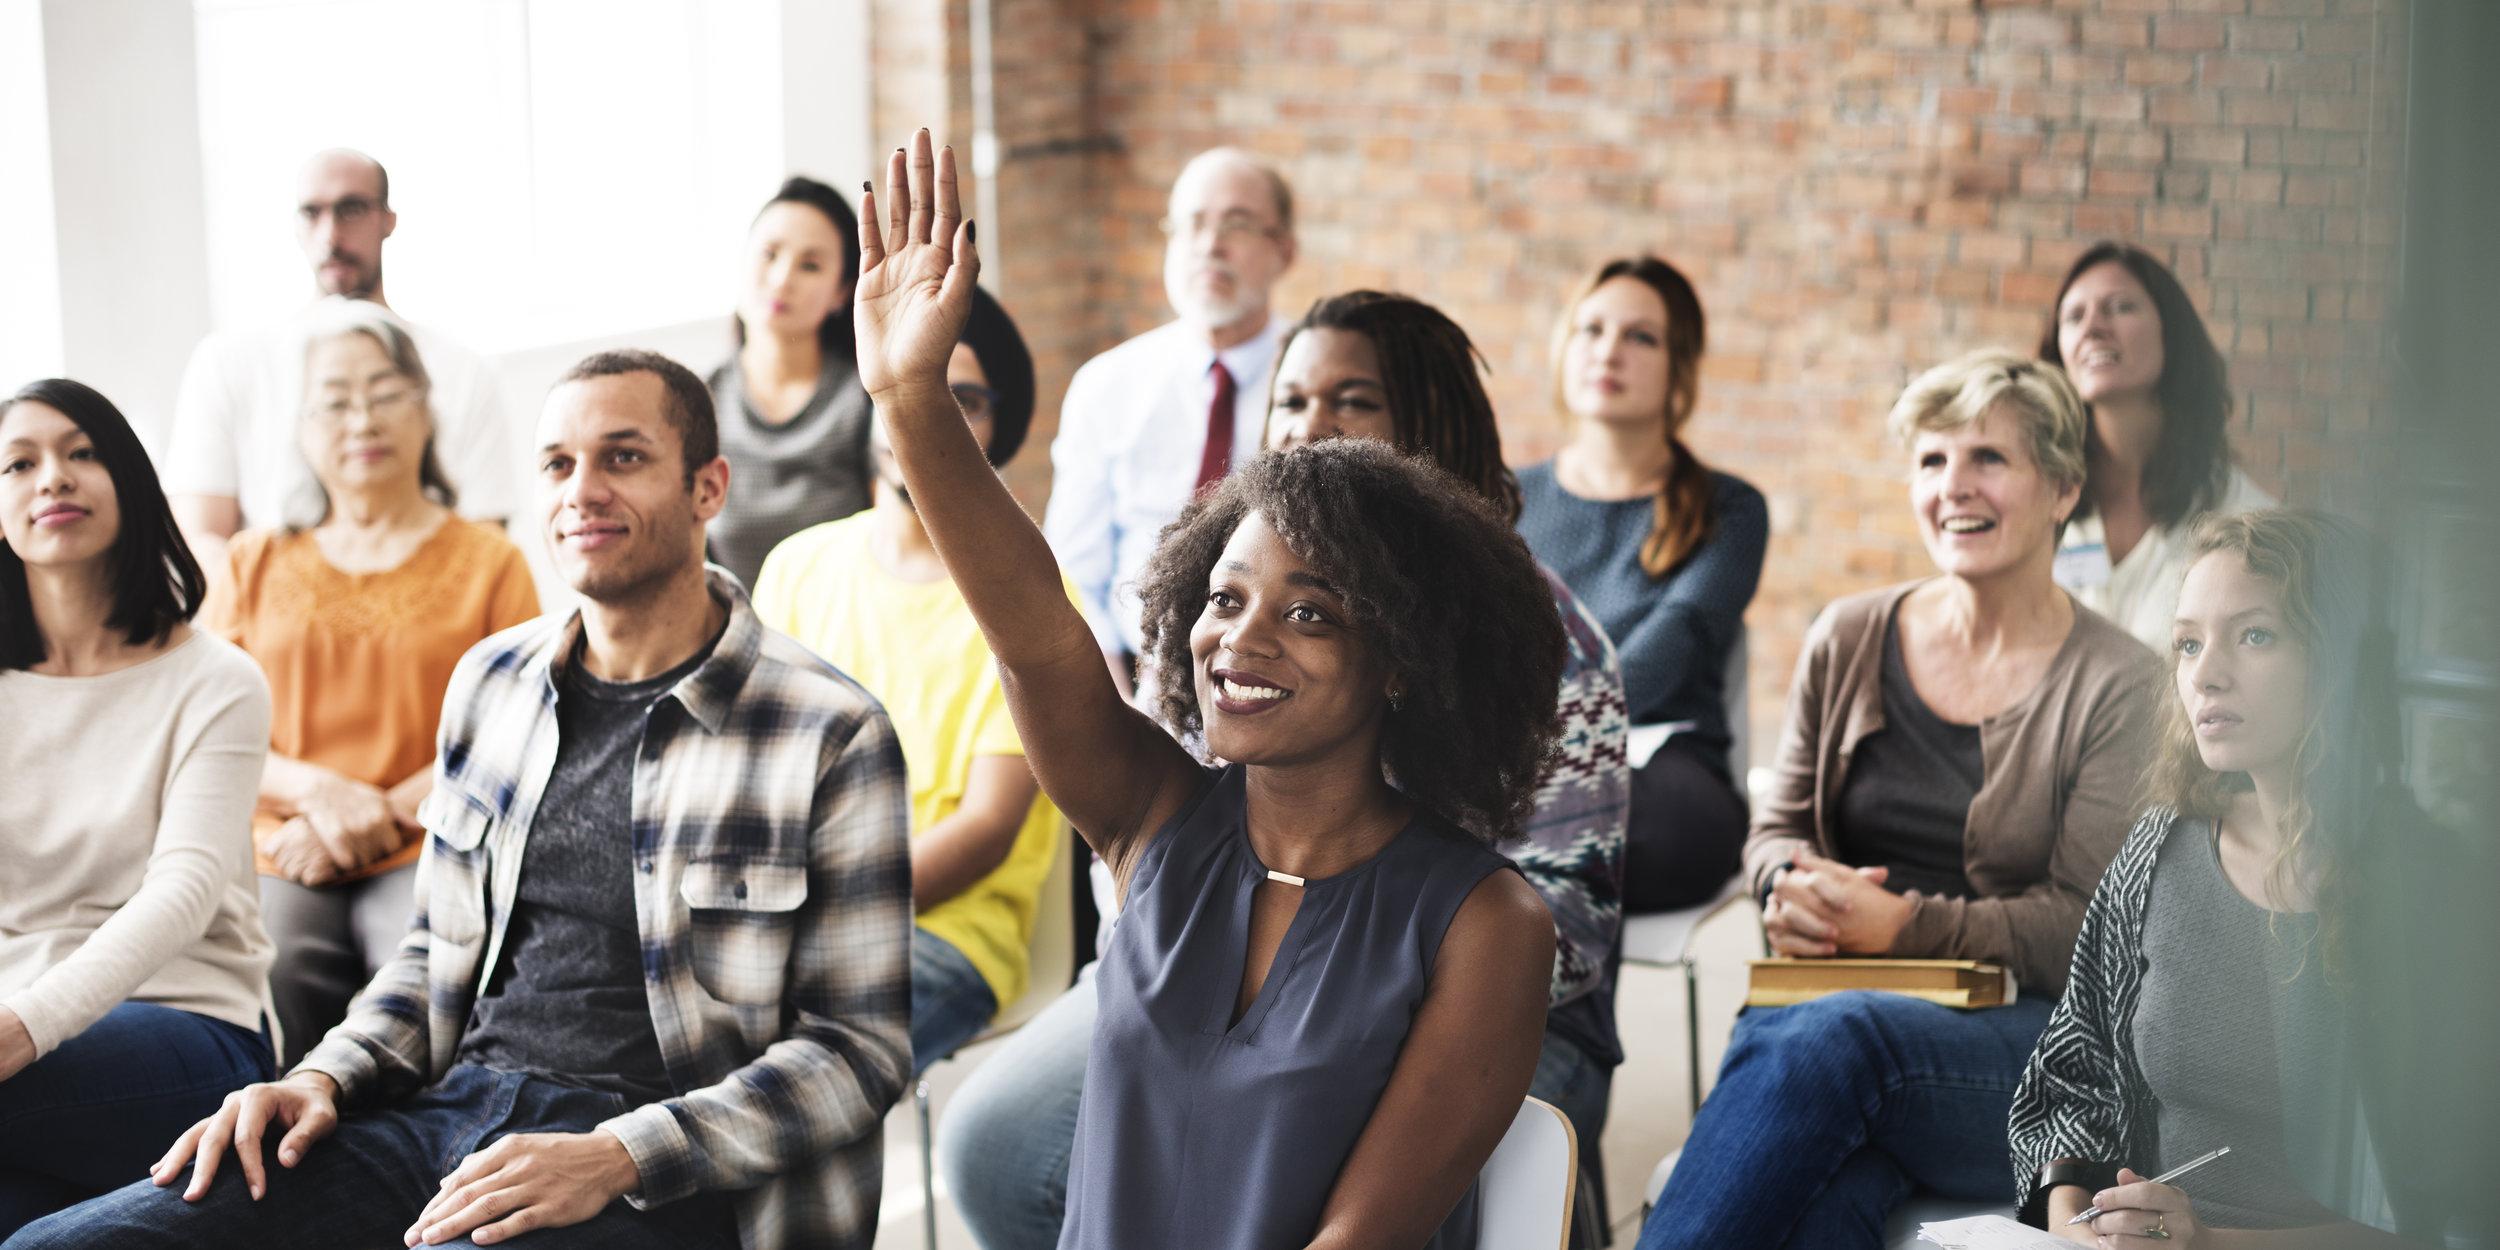 Group presentation - girl raising hand.jpg